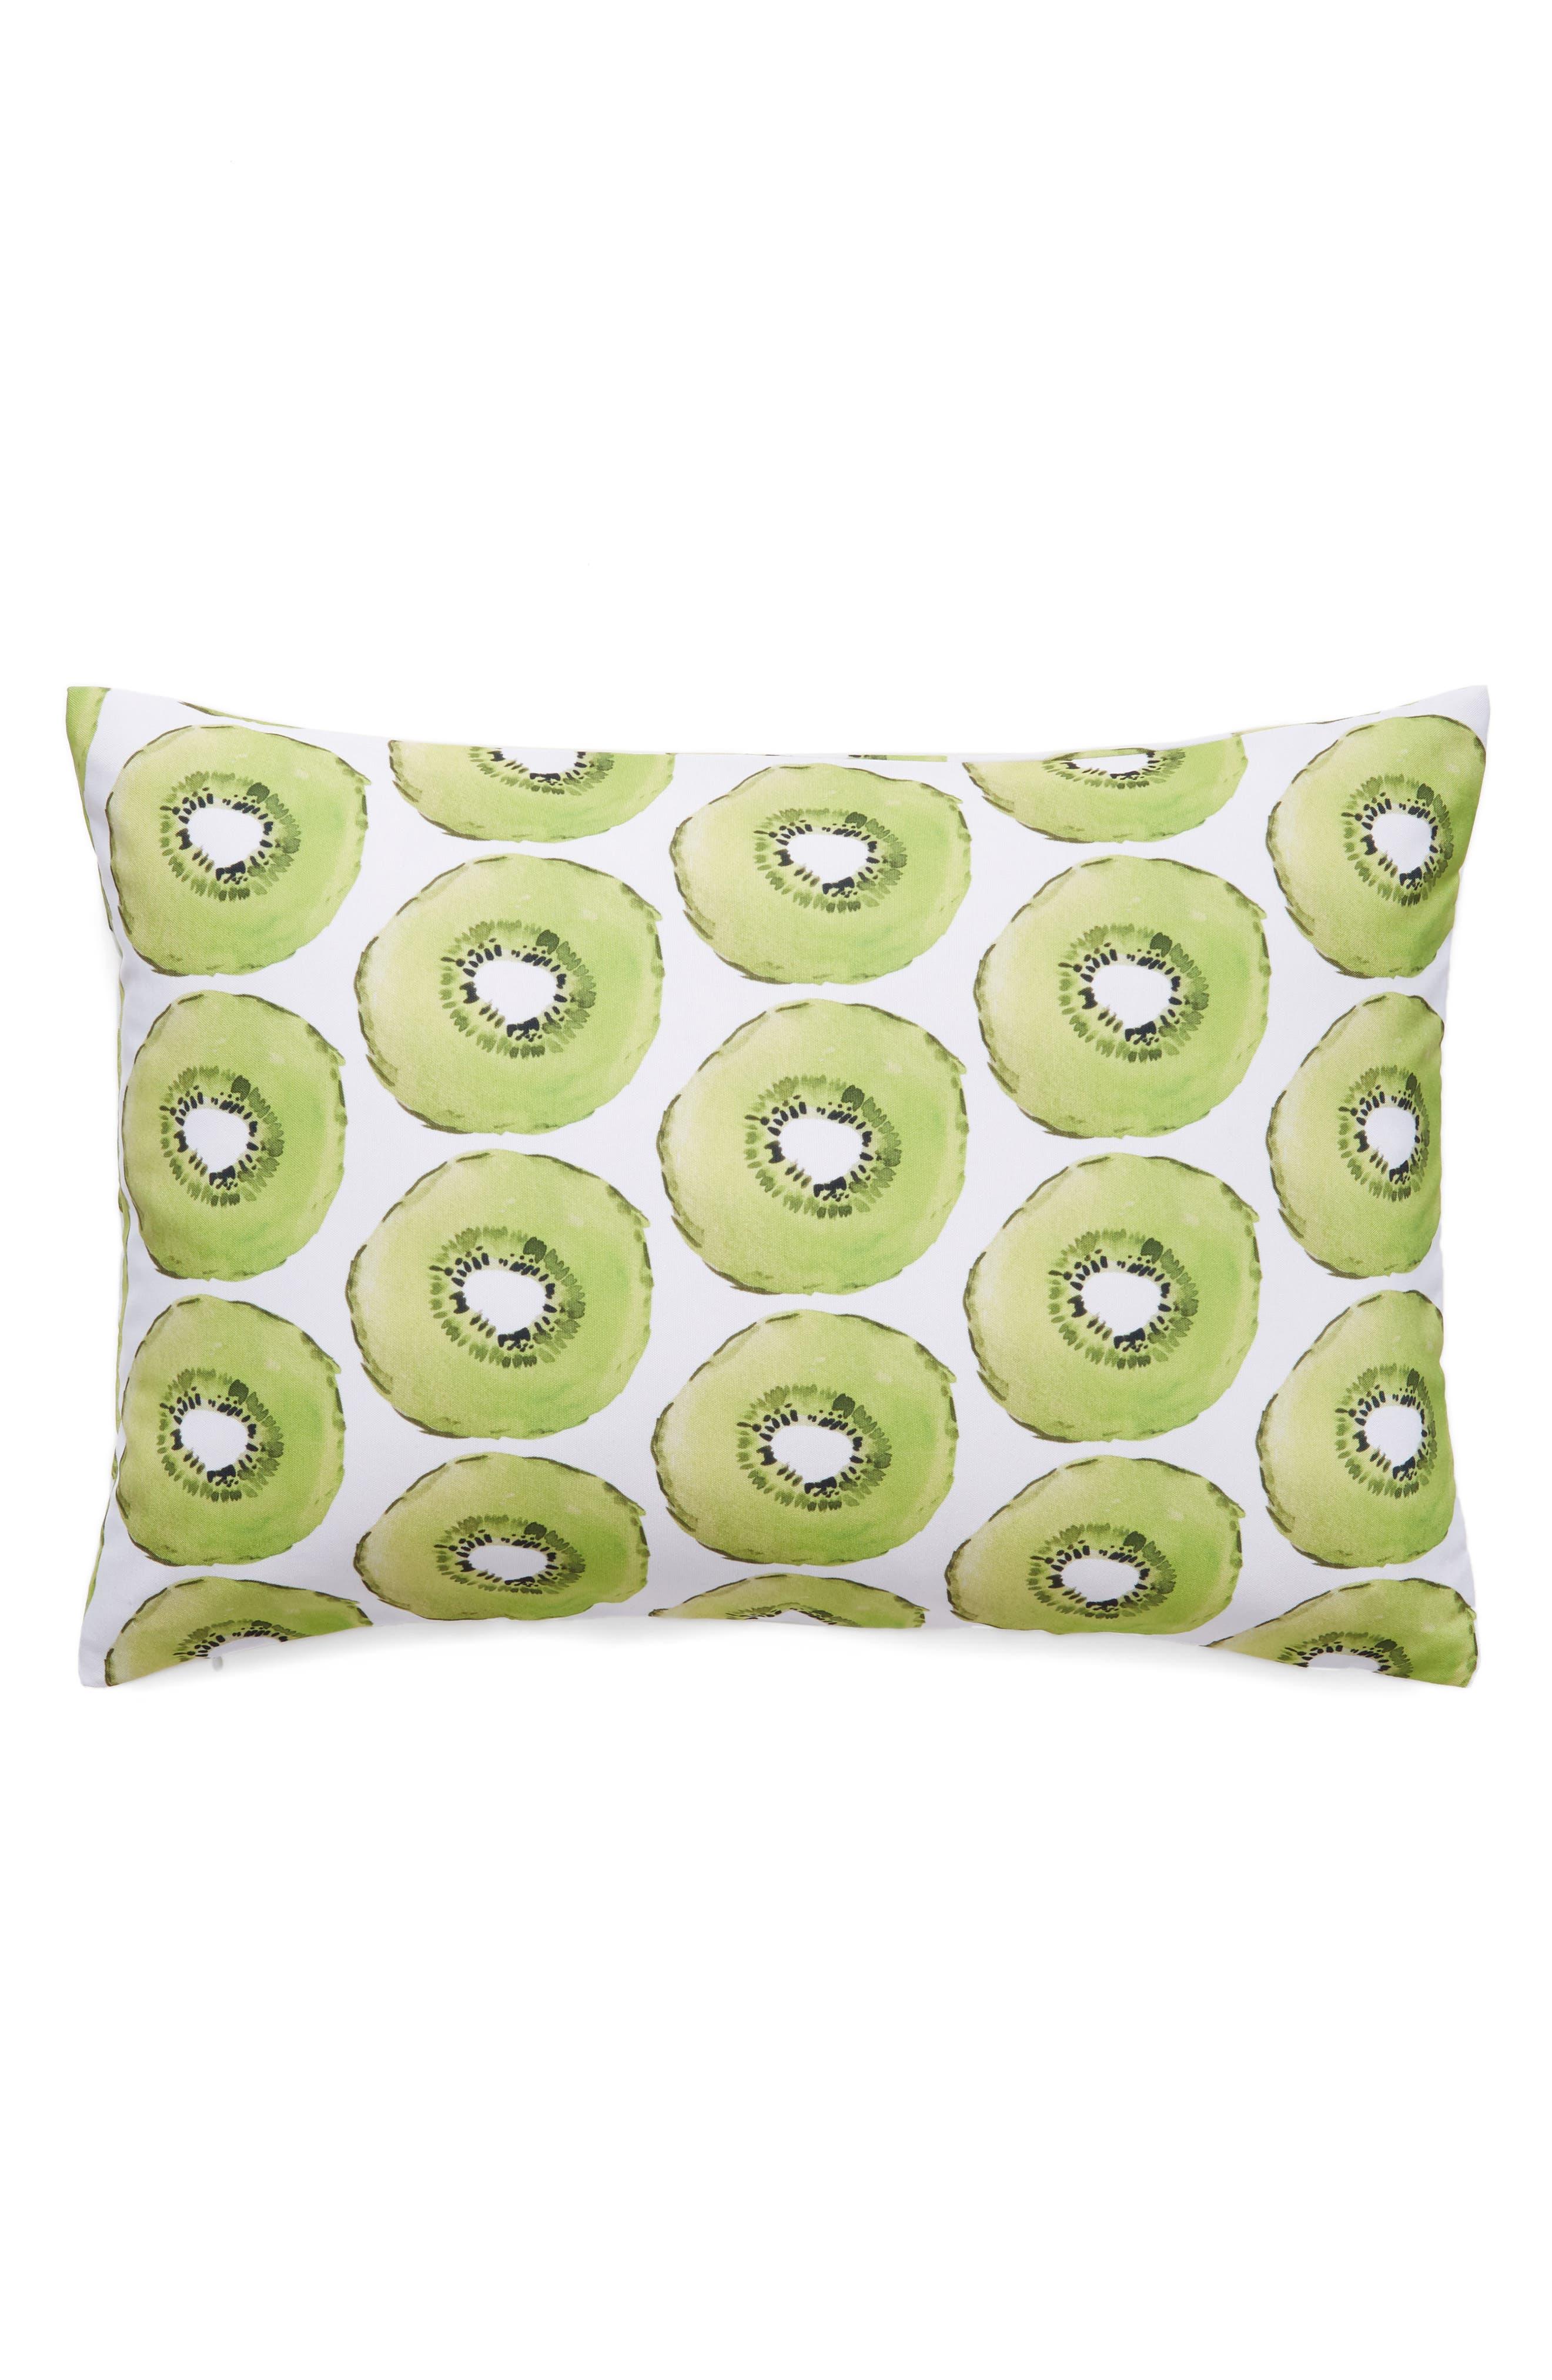 Levtex Kiwi Accent Pillow